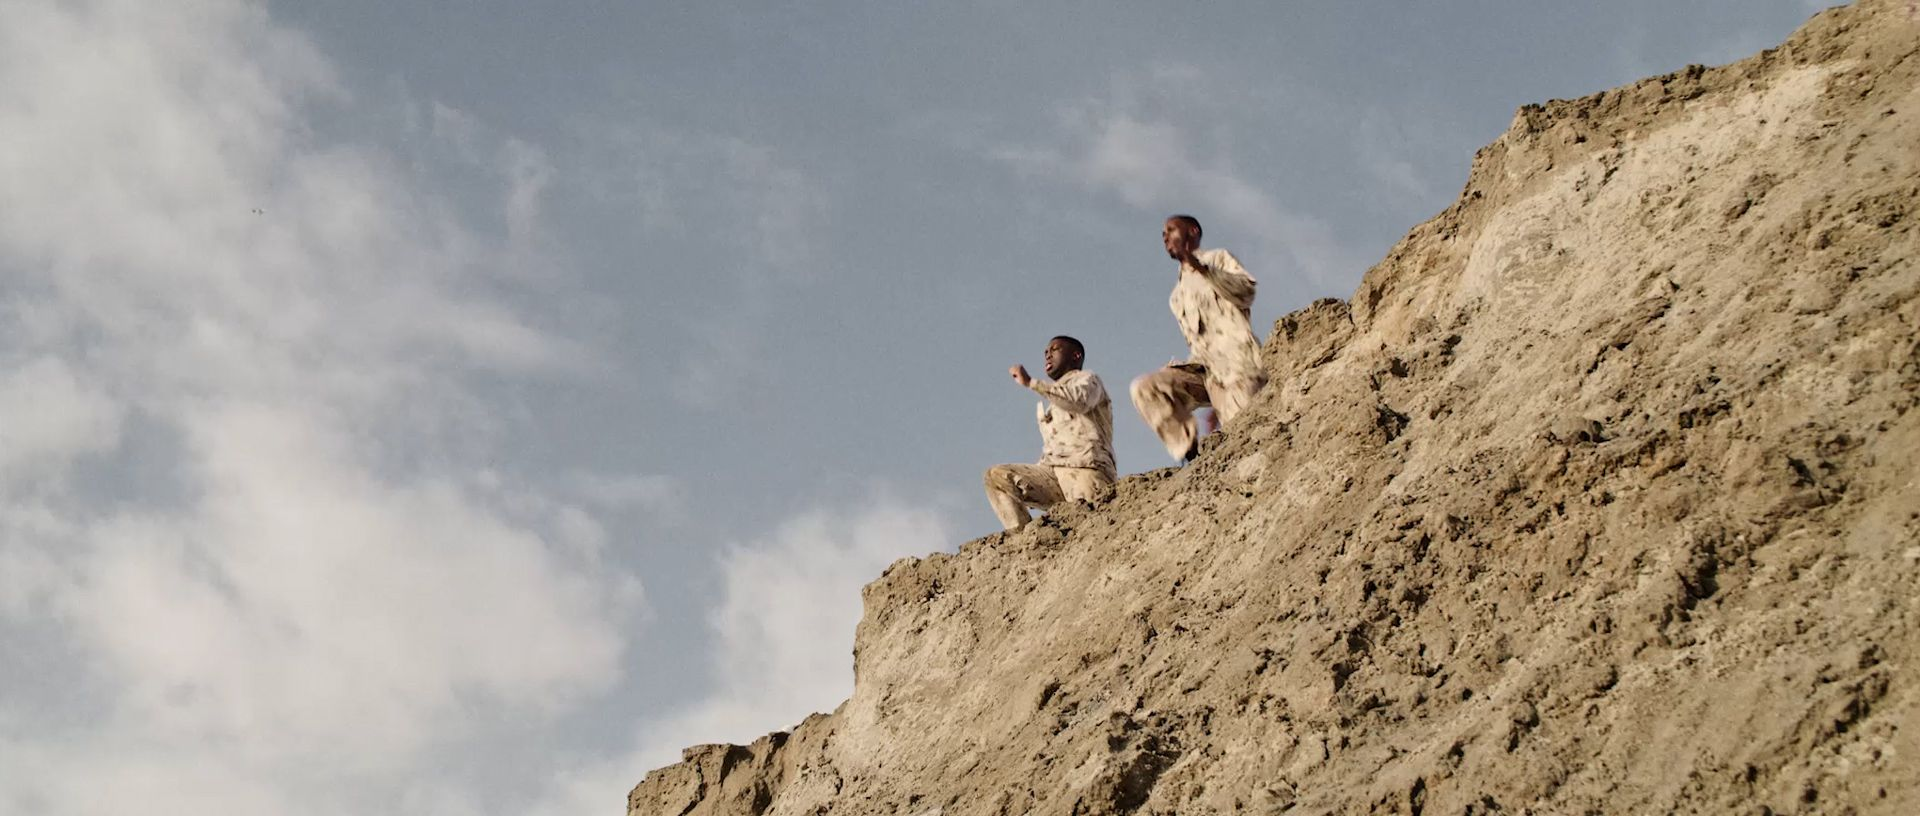 Soldats falaise paysage désertique